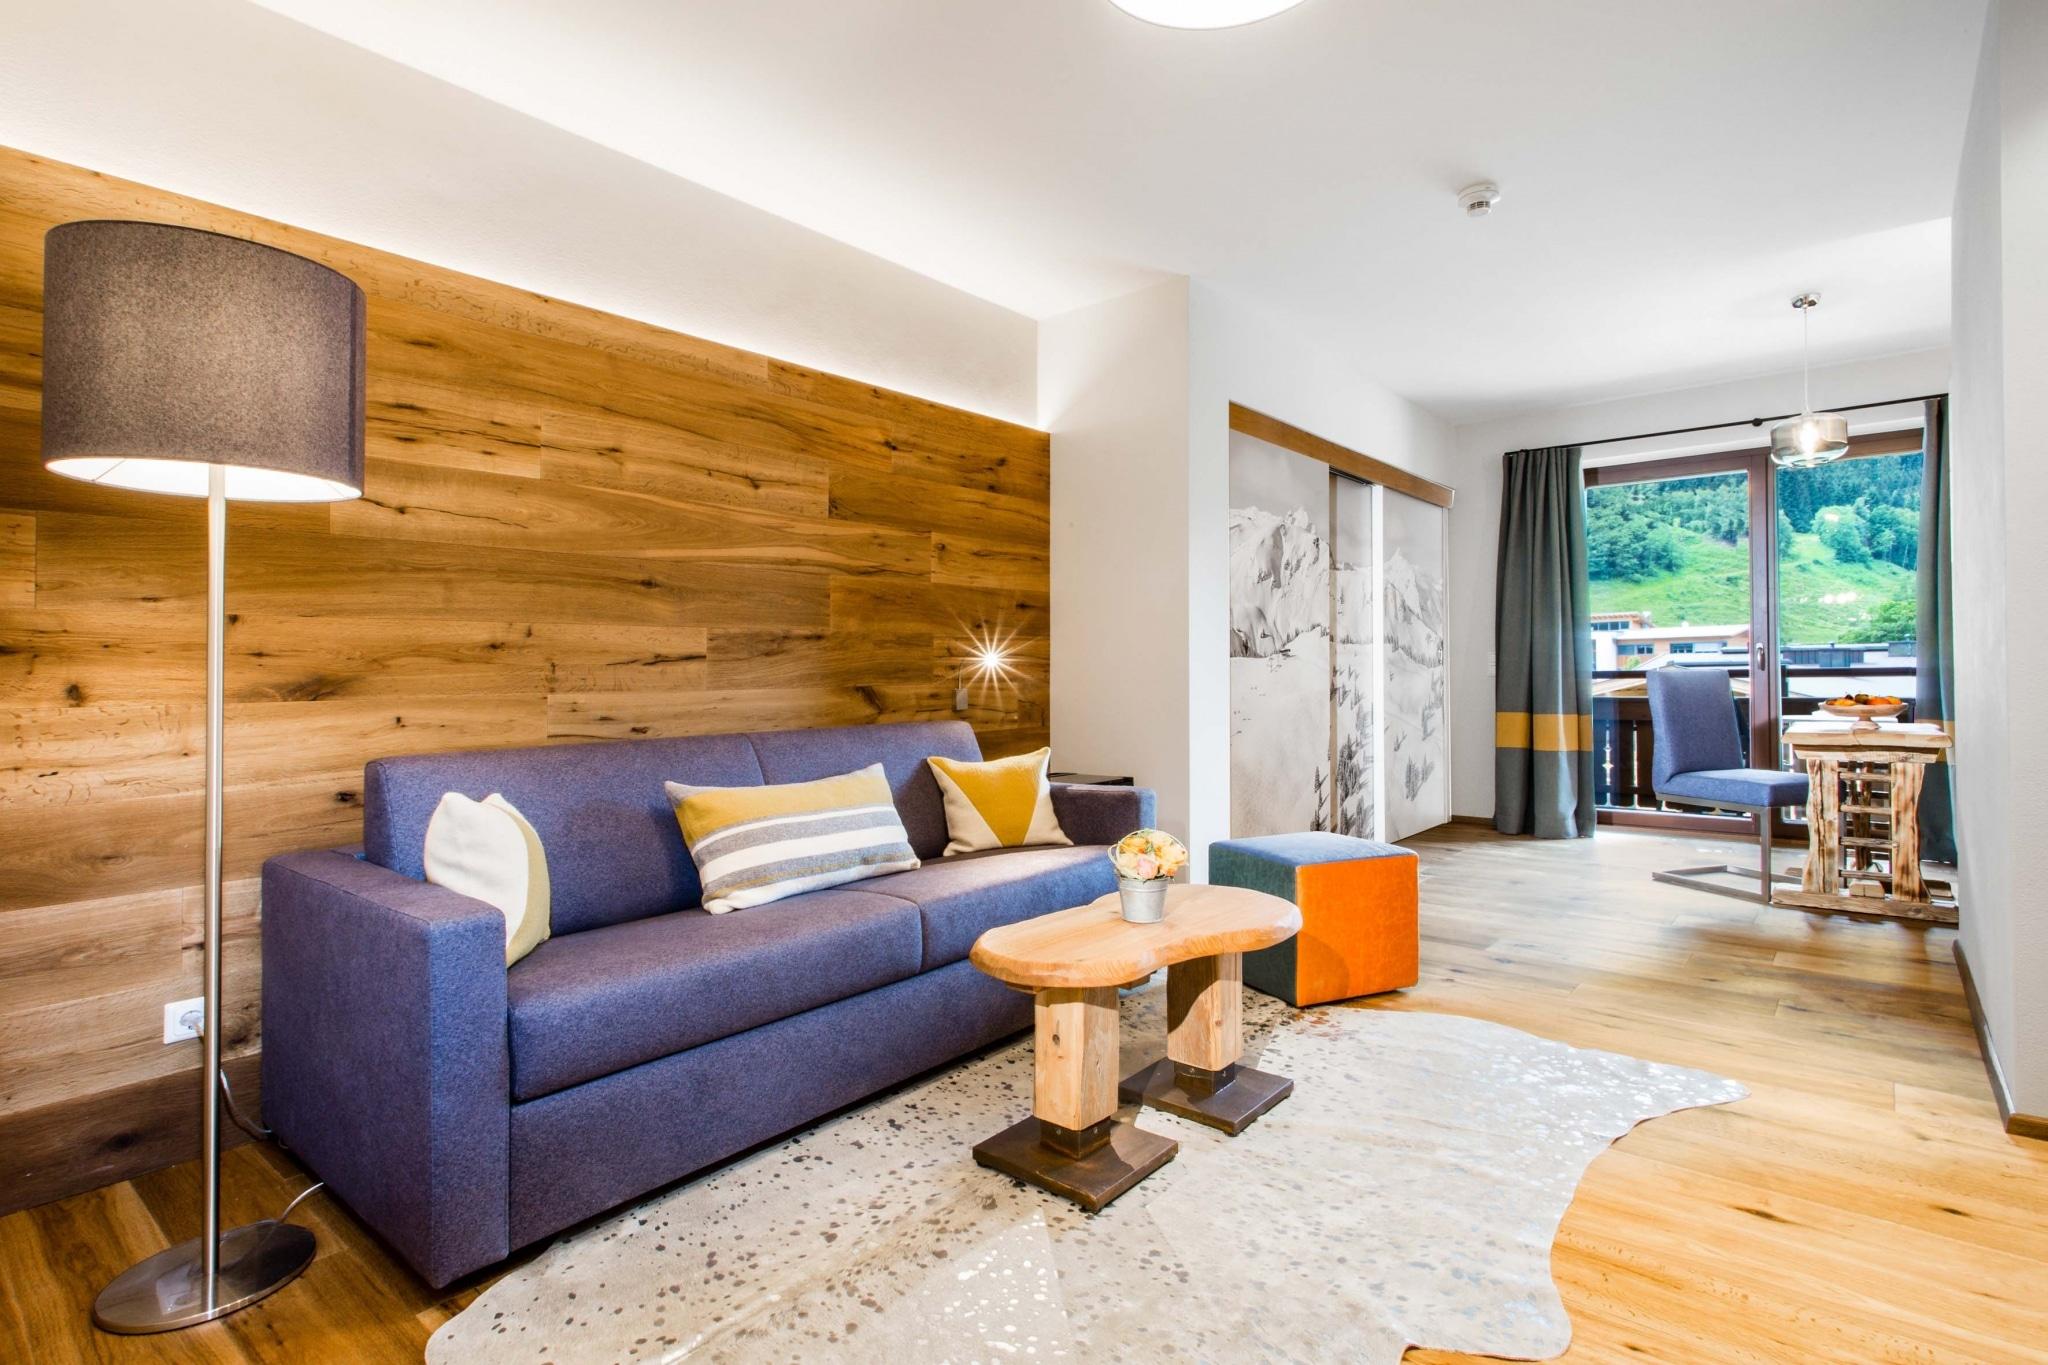 Tristkogel Wohnraum mit blauem Sofa und Schreibtisch